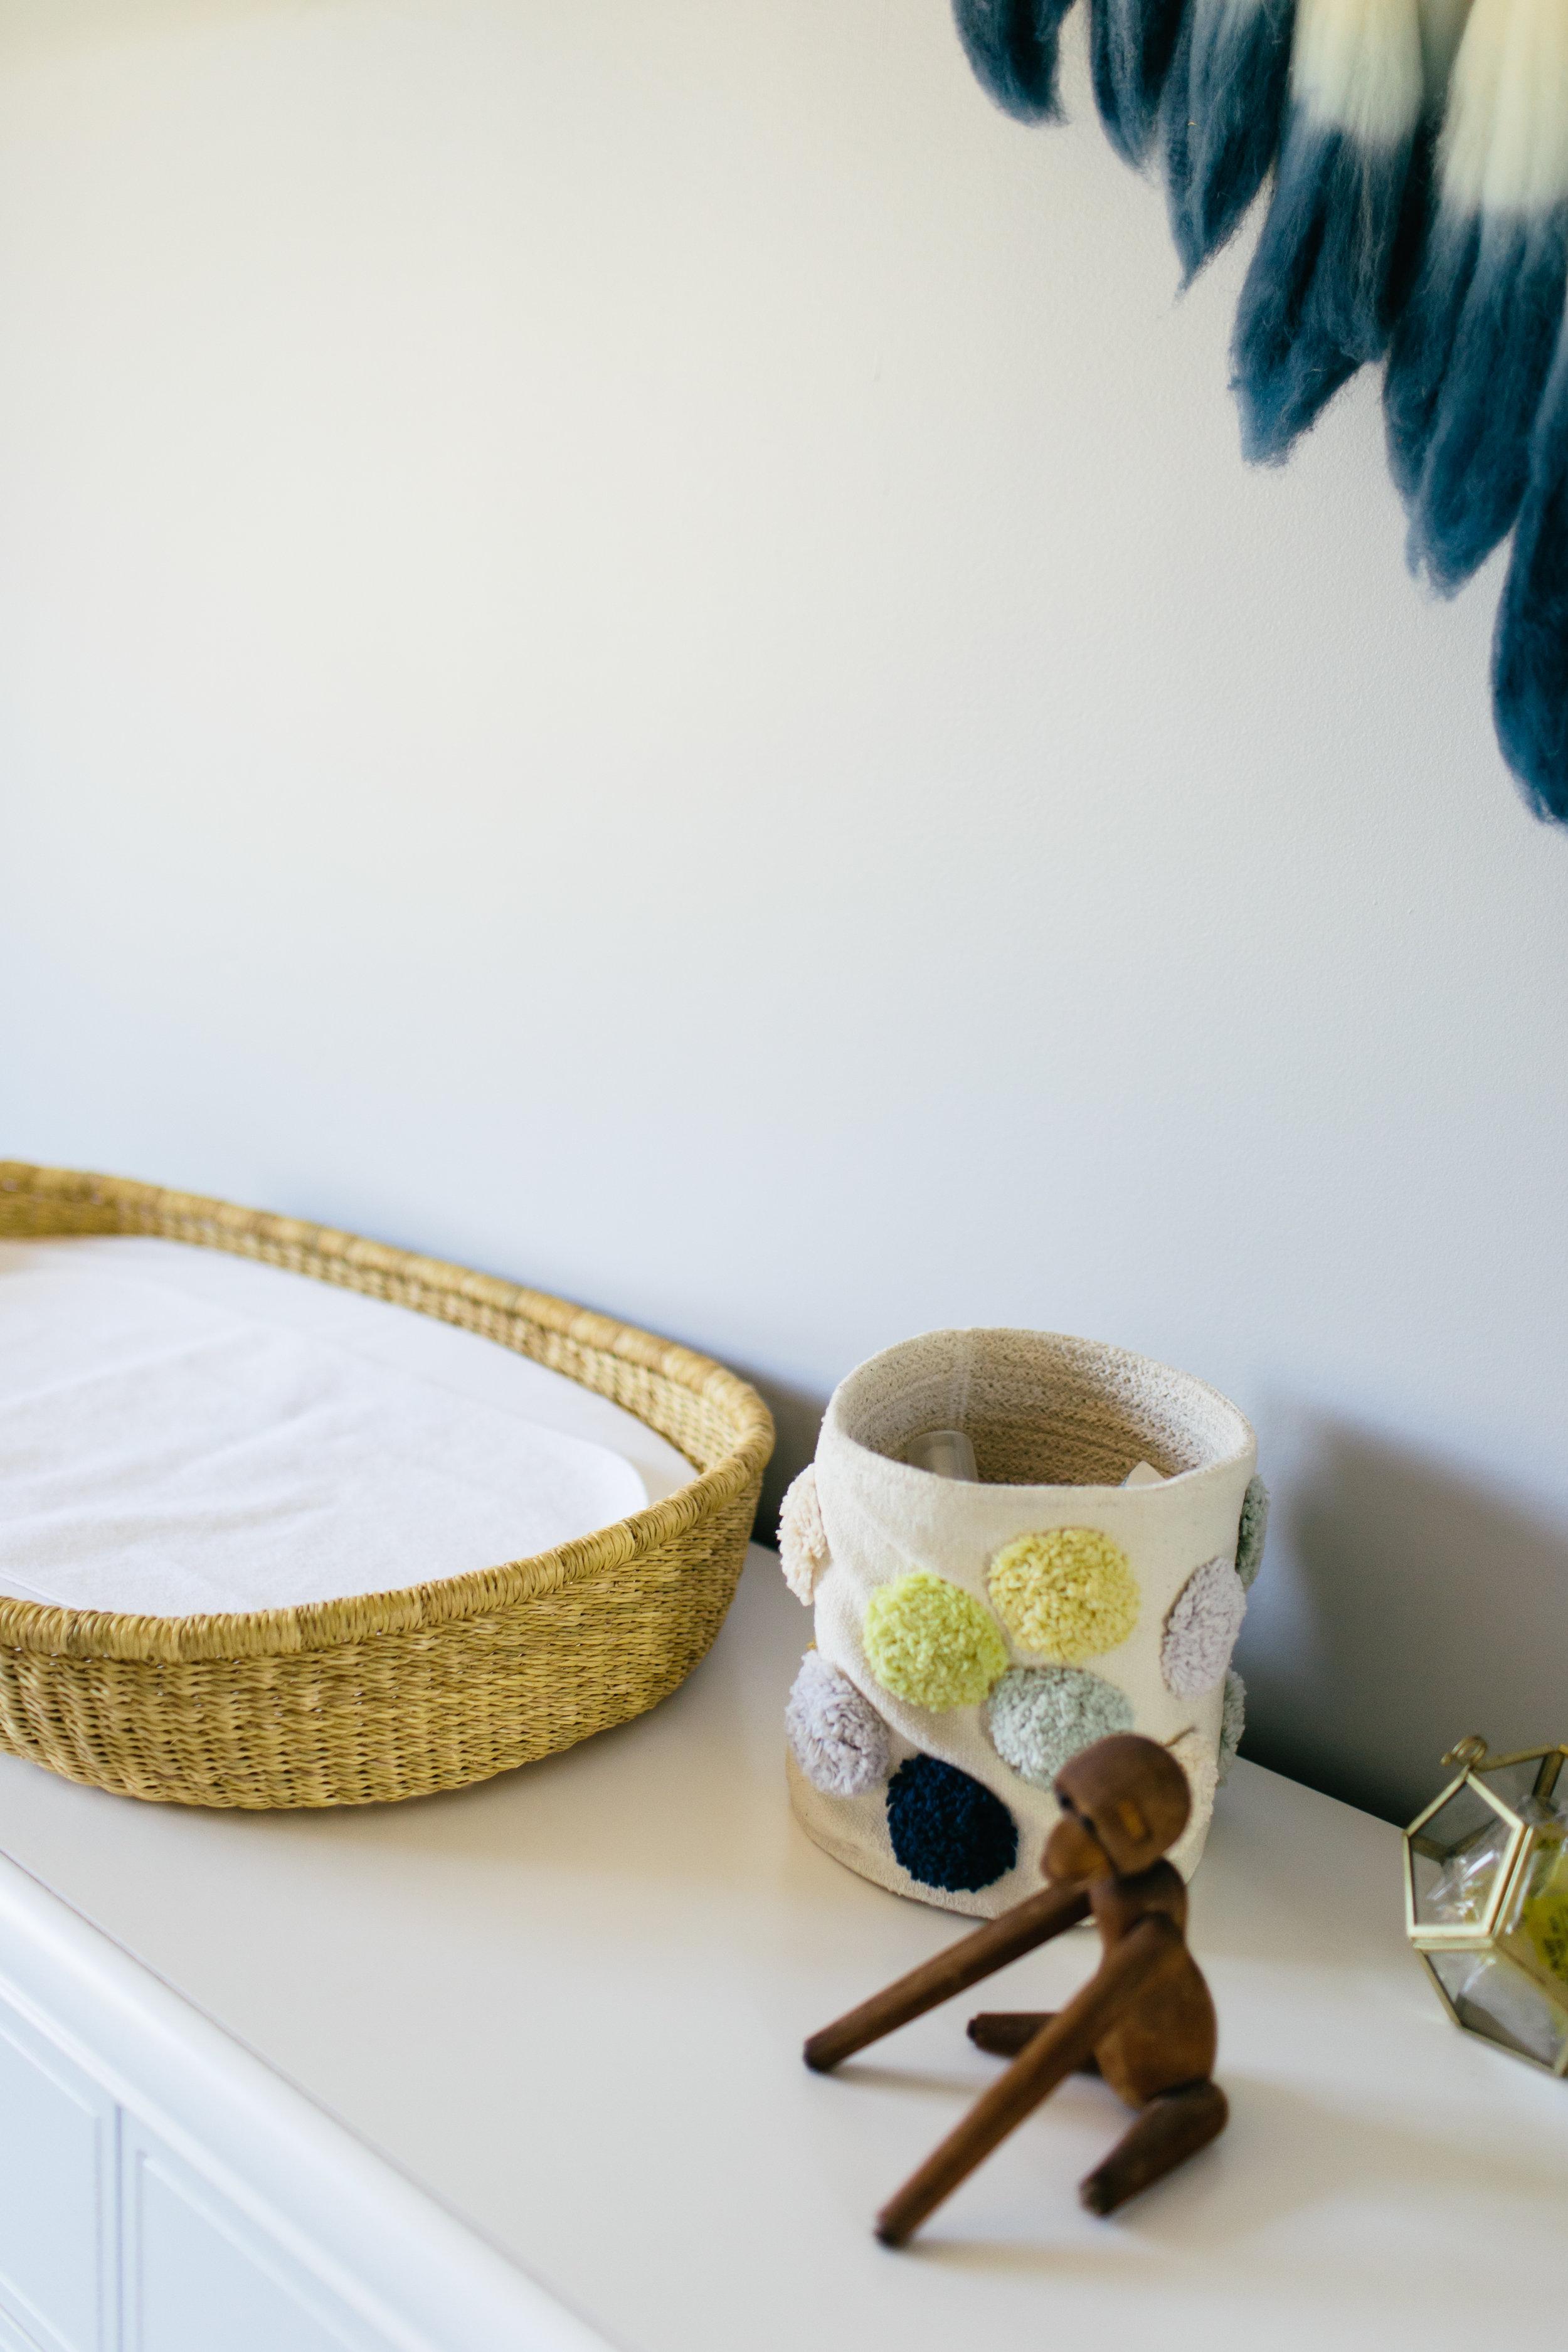 bloguettes-stockthatrocks-maternity-15.jpg